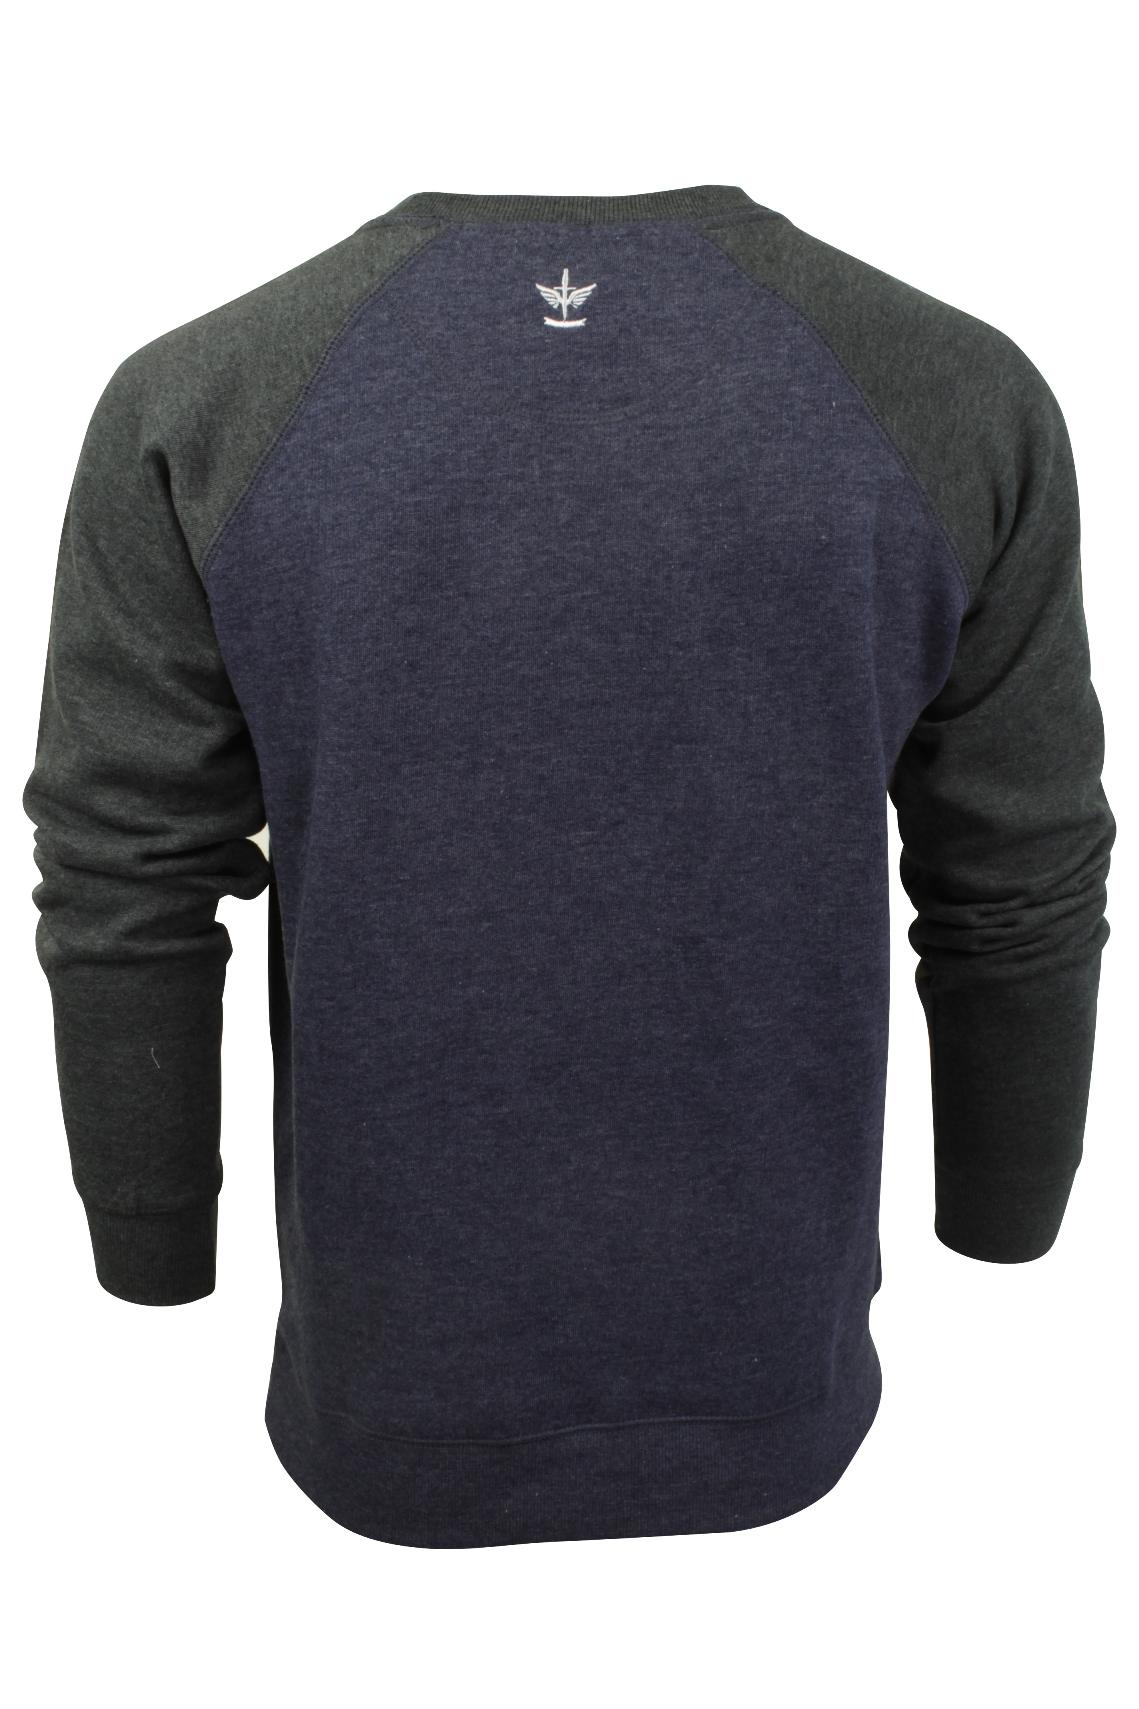 Jersey-Para-Hombre-Top-de-sudor-por-Firetrap-039-represento-039-Cuello-Redondo miniatura 10